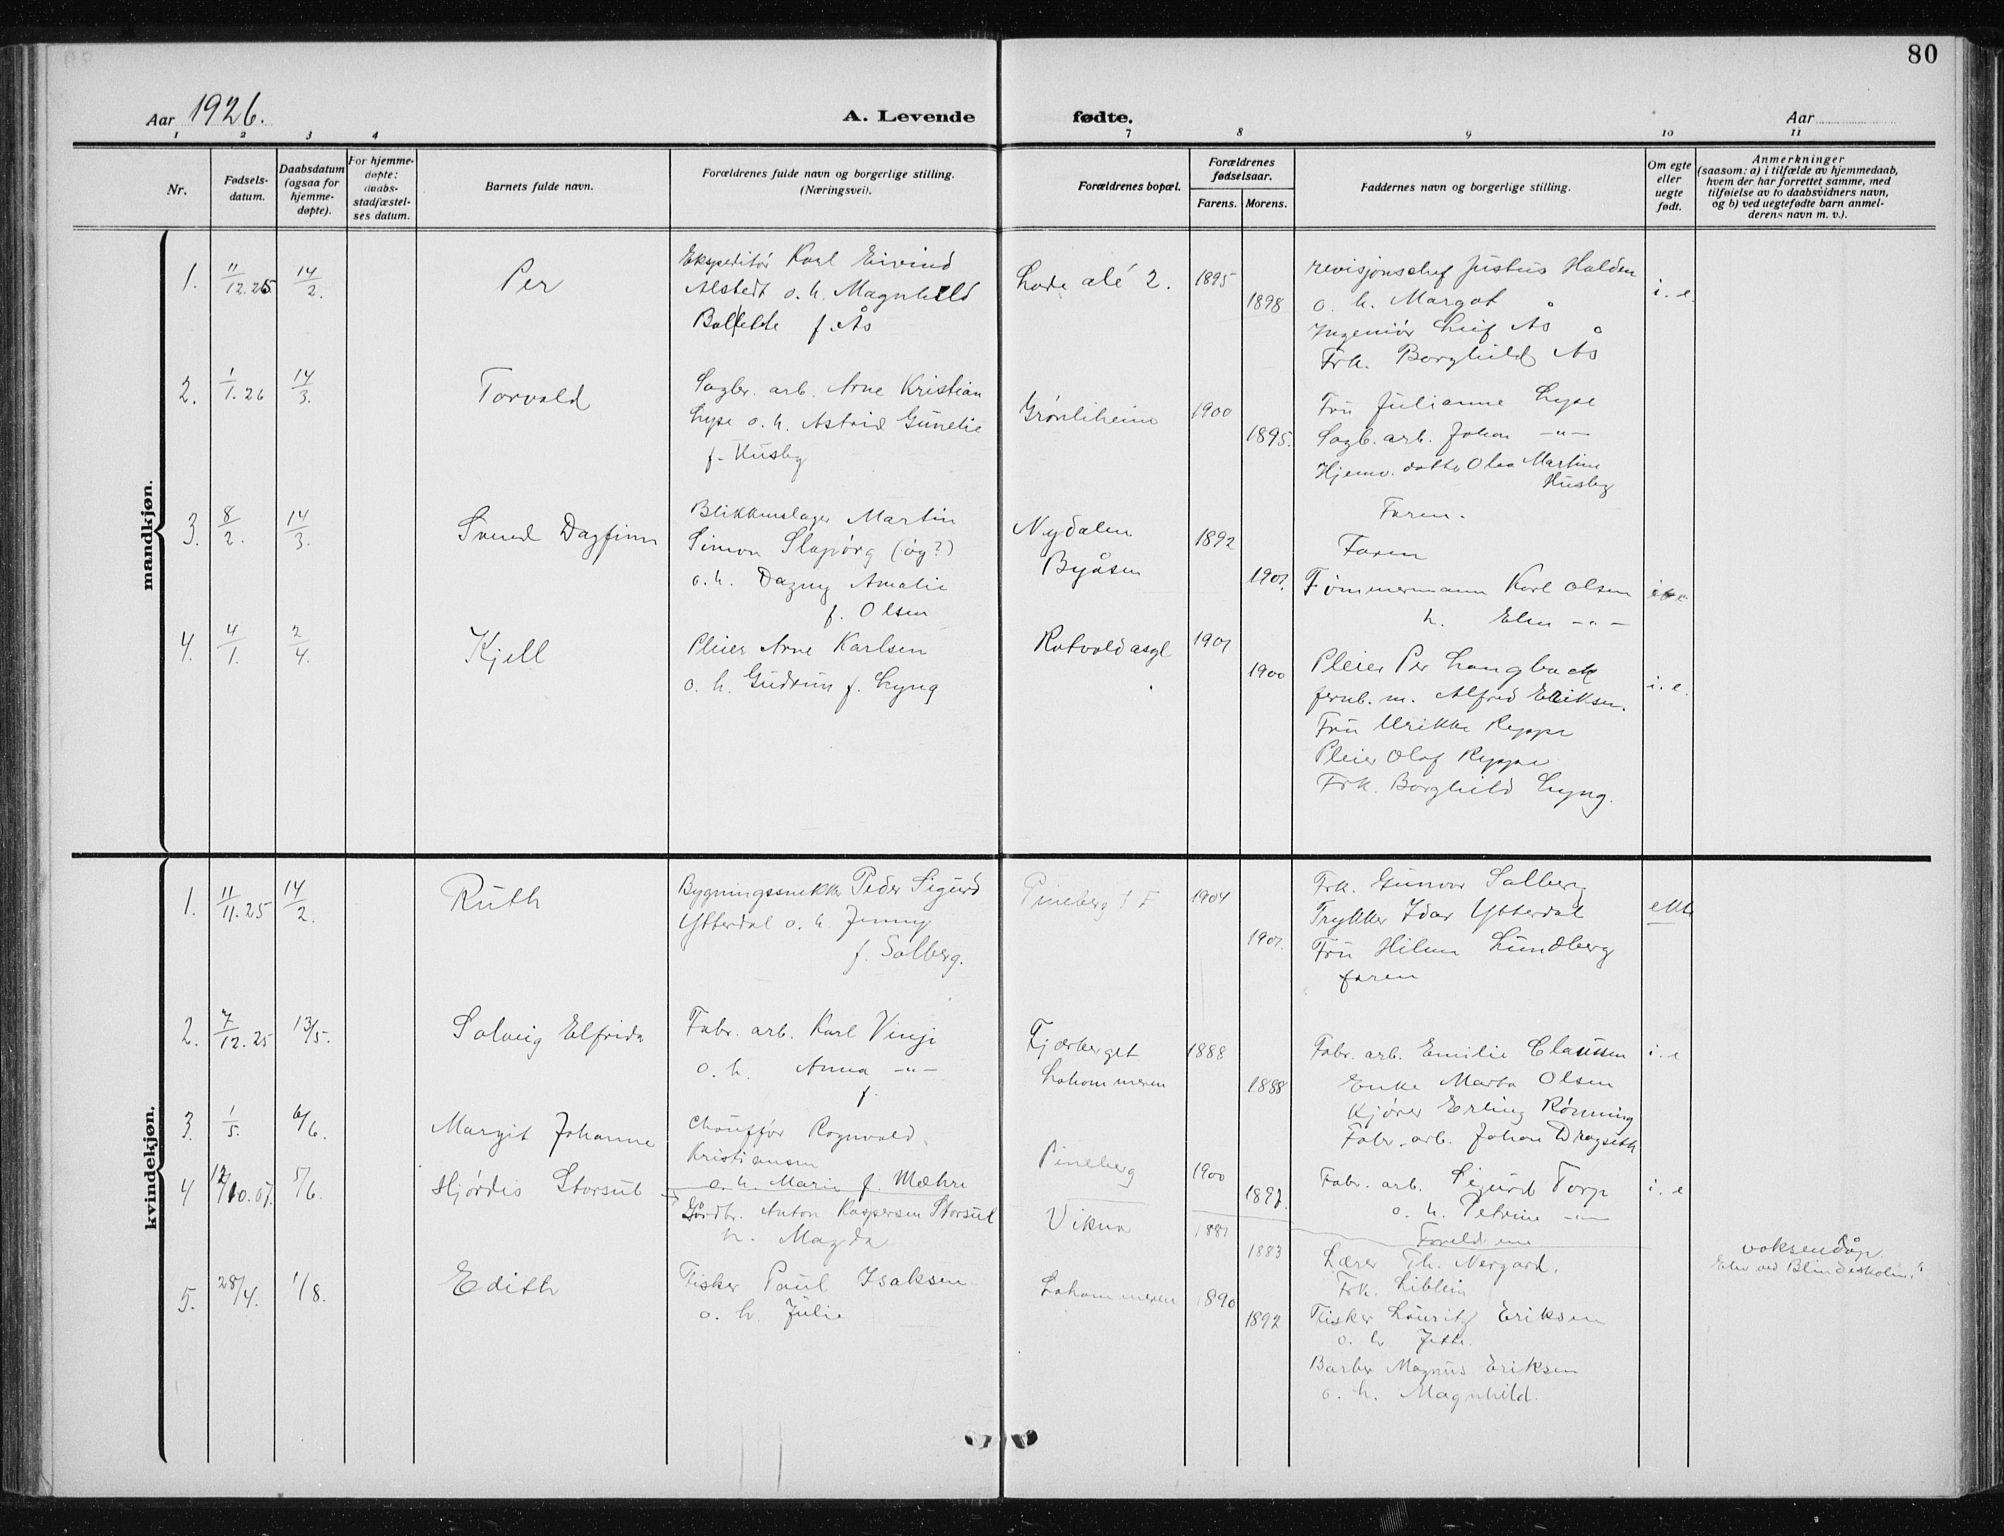 SAT, Ministerialprotokoller, klokkerbøker og fødselsregistre - Sør-Trøndelag, 606/L0314: Klokkerbok nr. 606C10, 1911-1937, s. 80